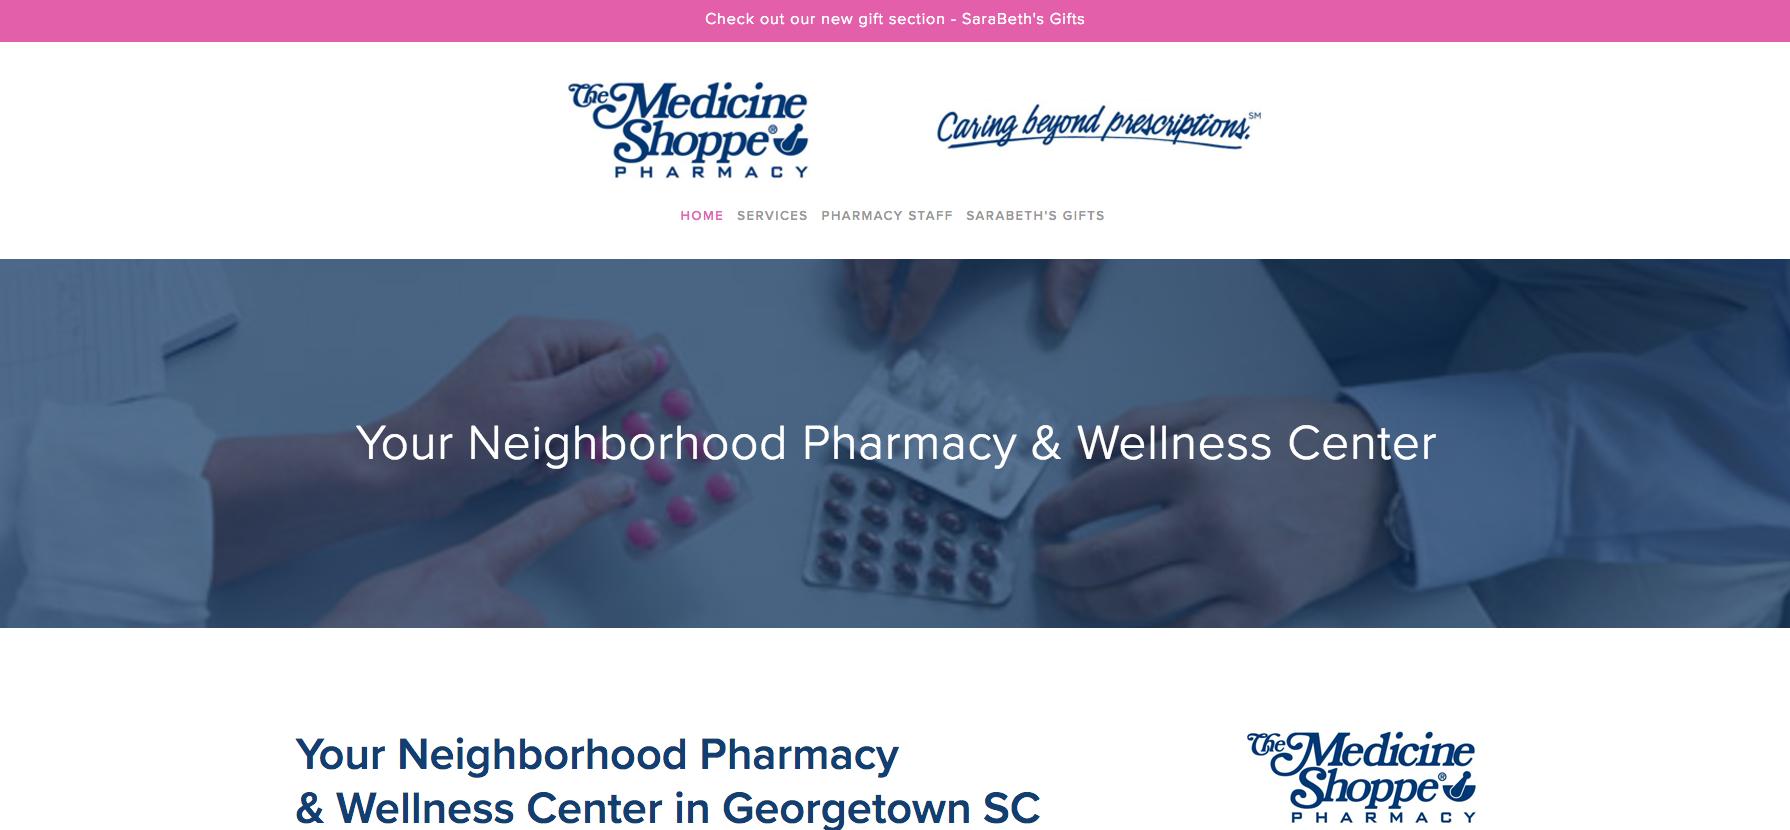 https://www.drugstoregeorgetownsc.com/